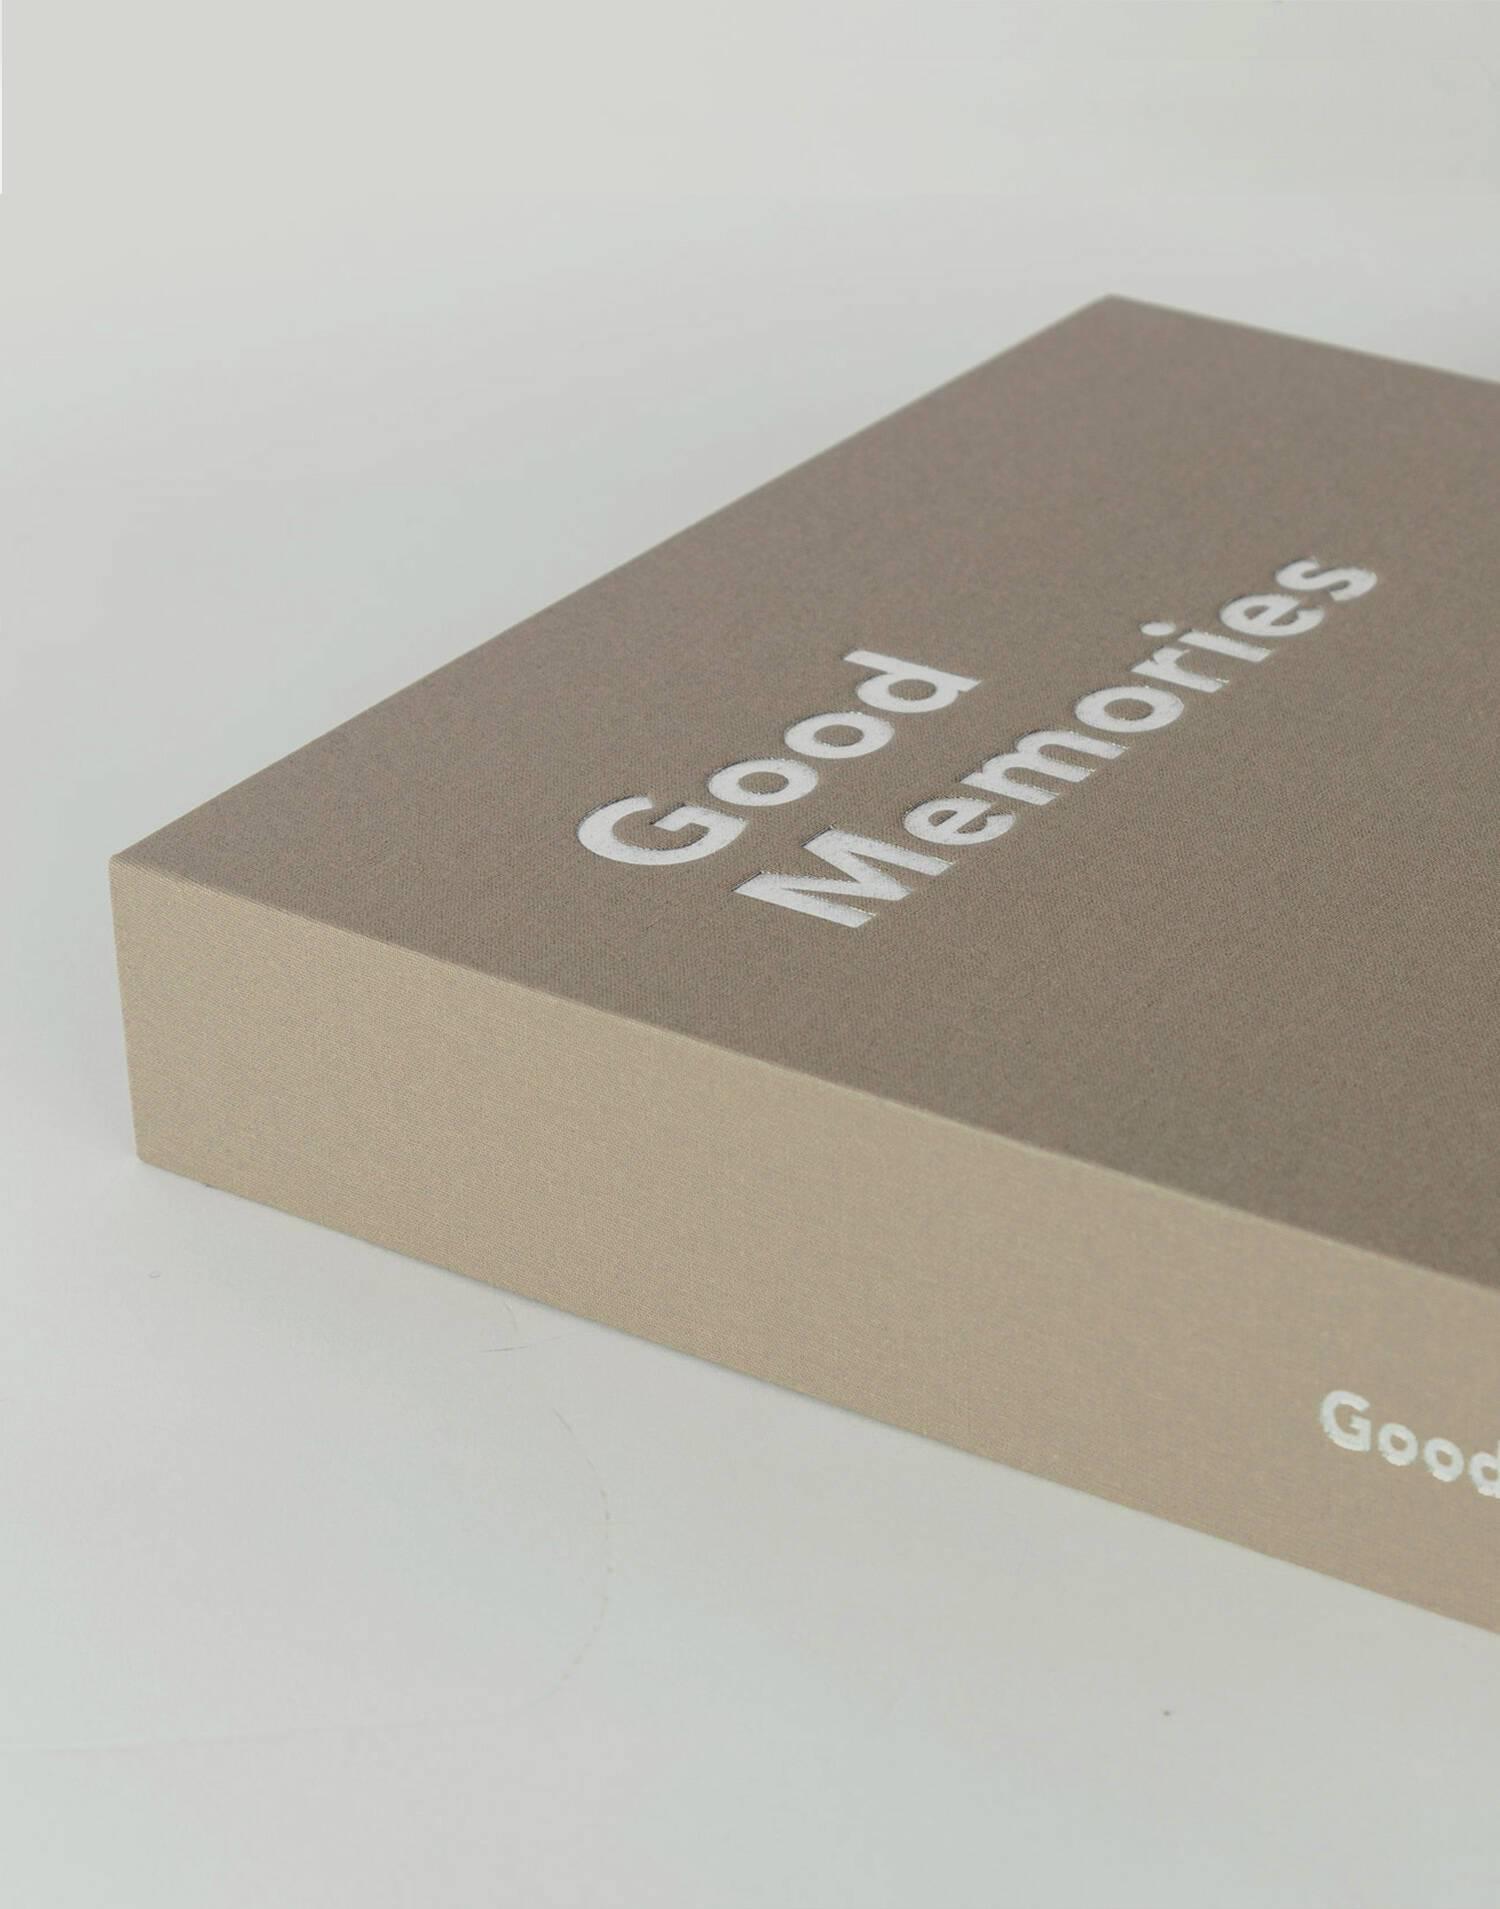 Good memories photo album box